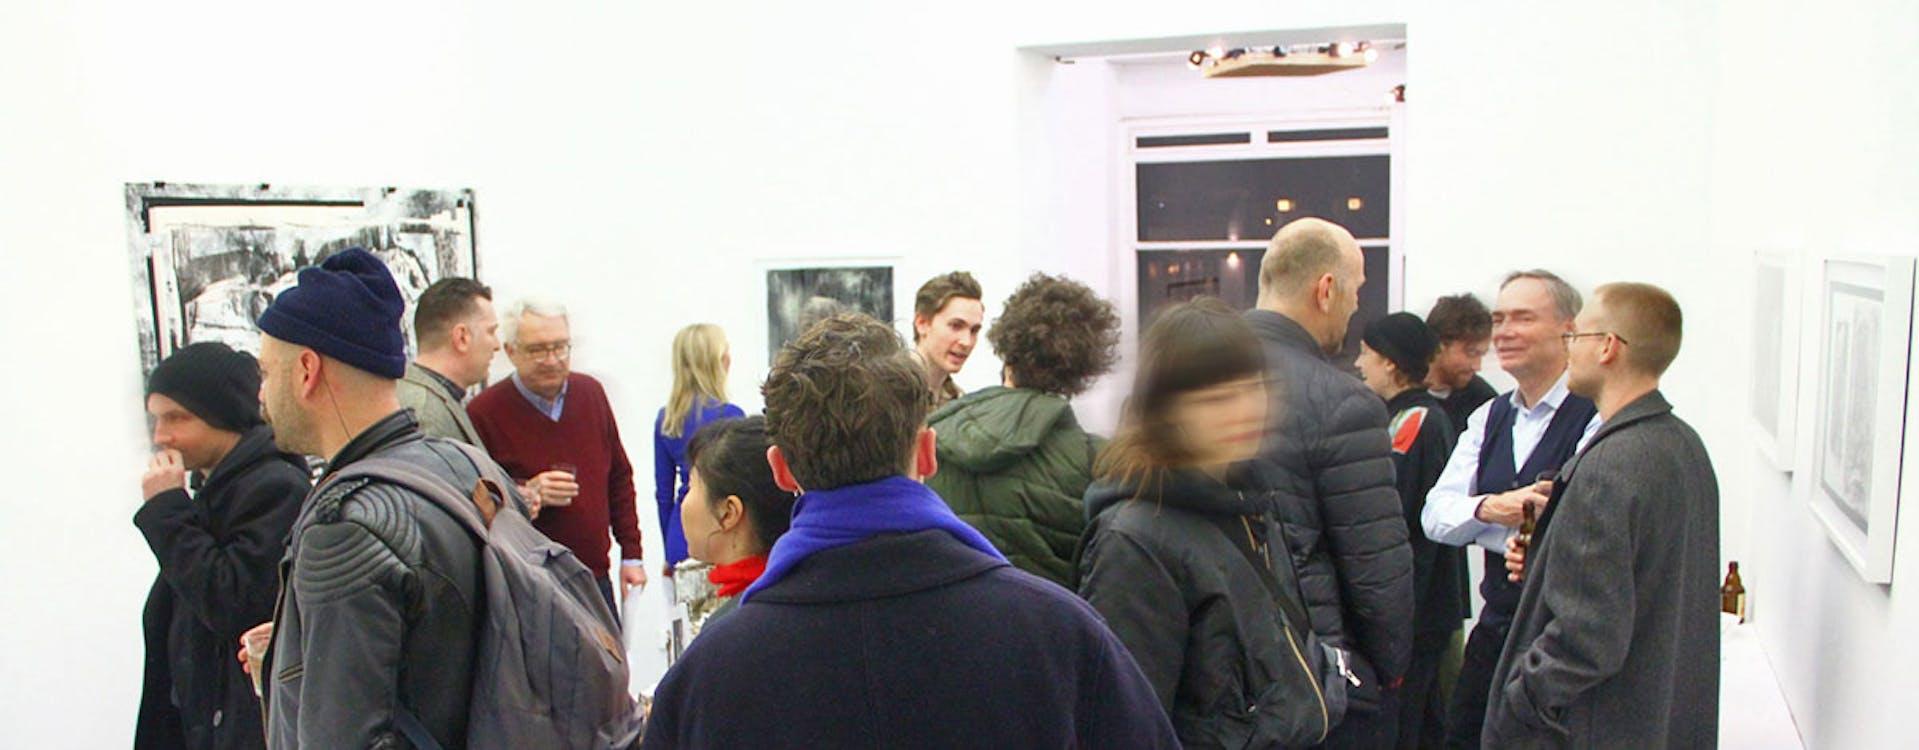 Art Gallery Berlin